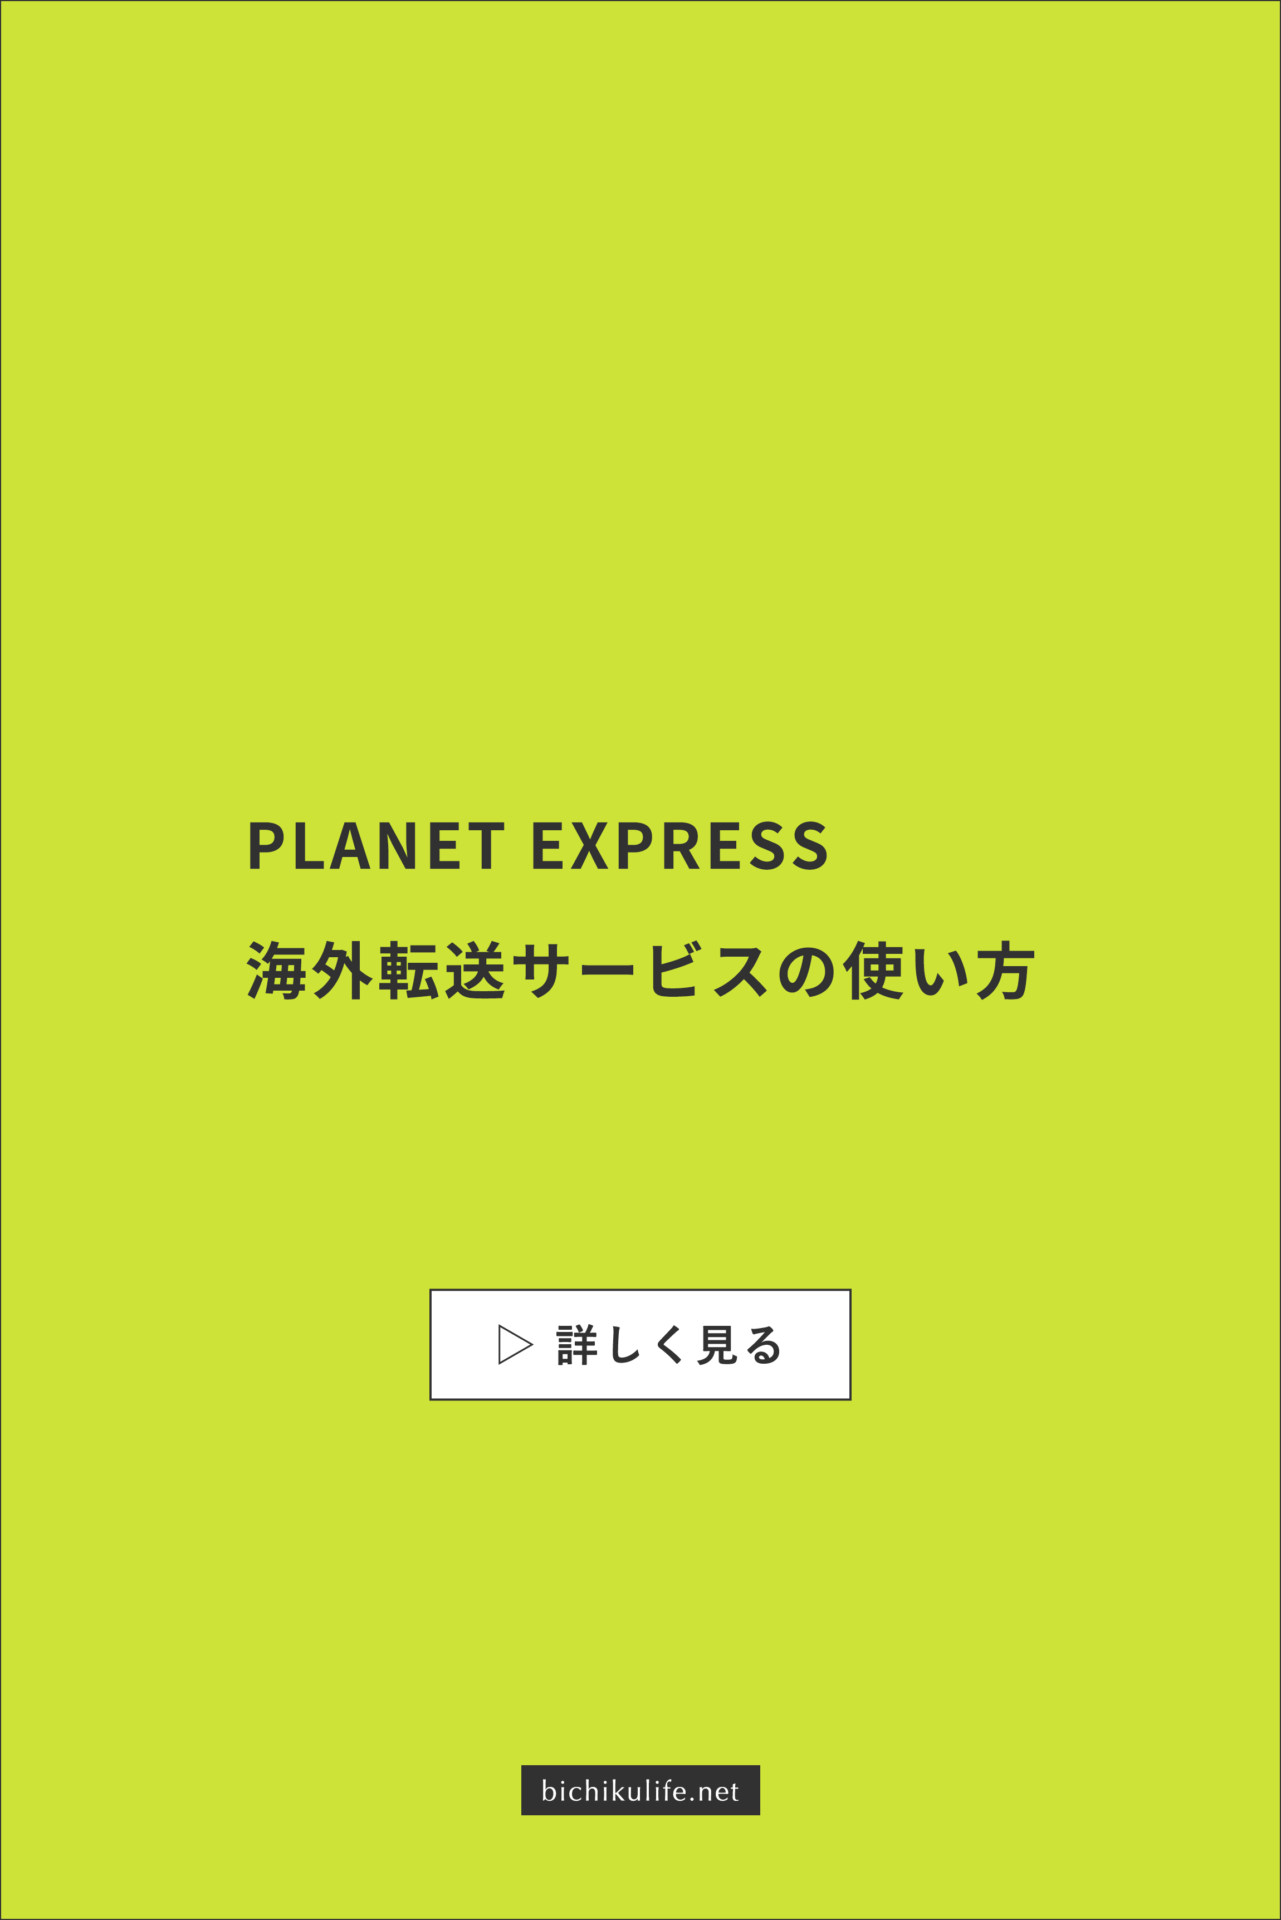 PLANET EXPRESS(プラネットエクスプレス)海外からの転送サービスの使い方